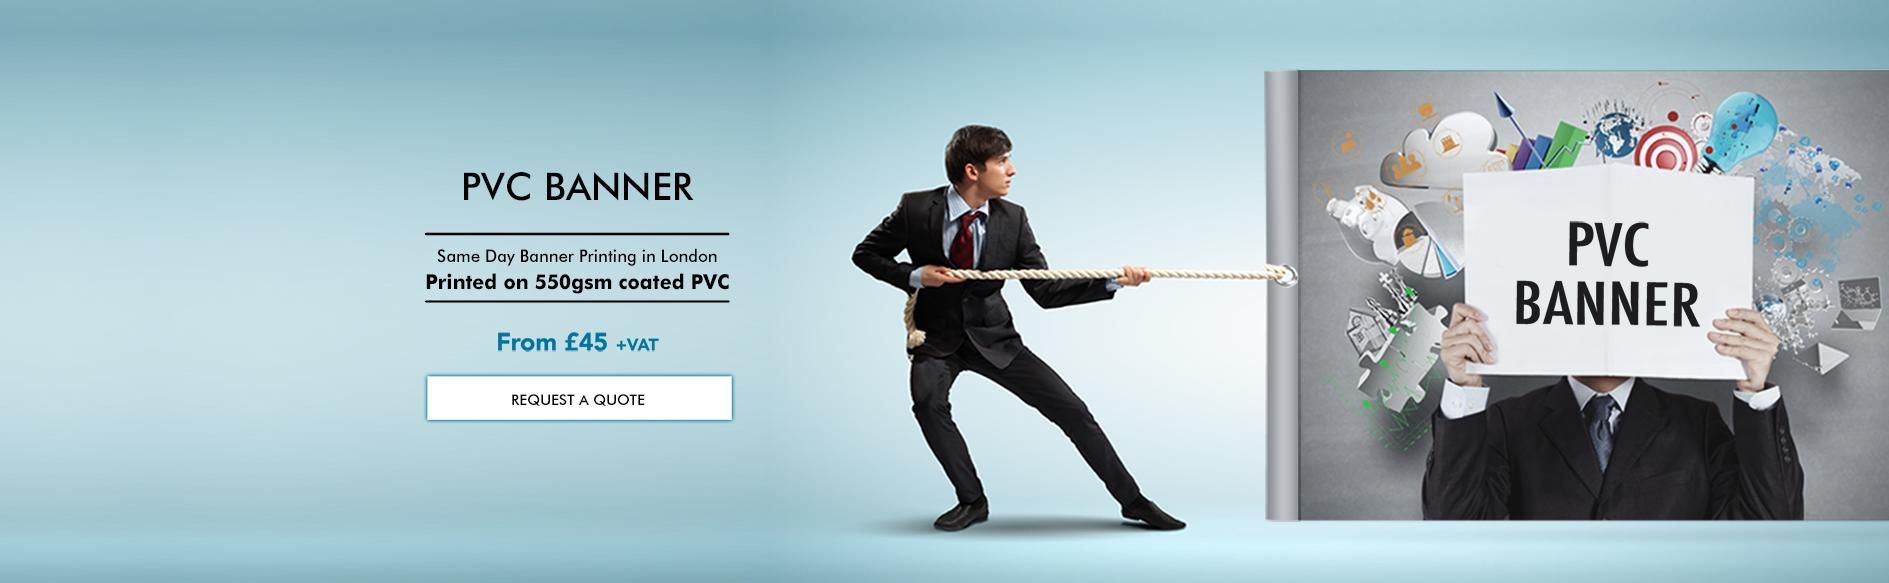 PVC-Banner_Slider.2